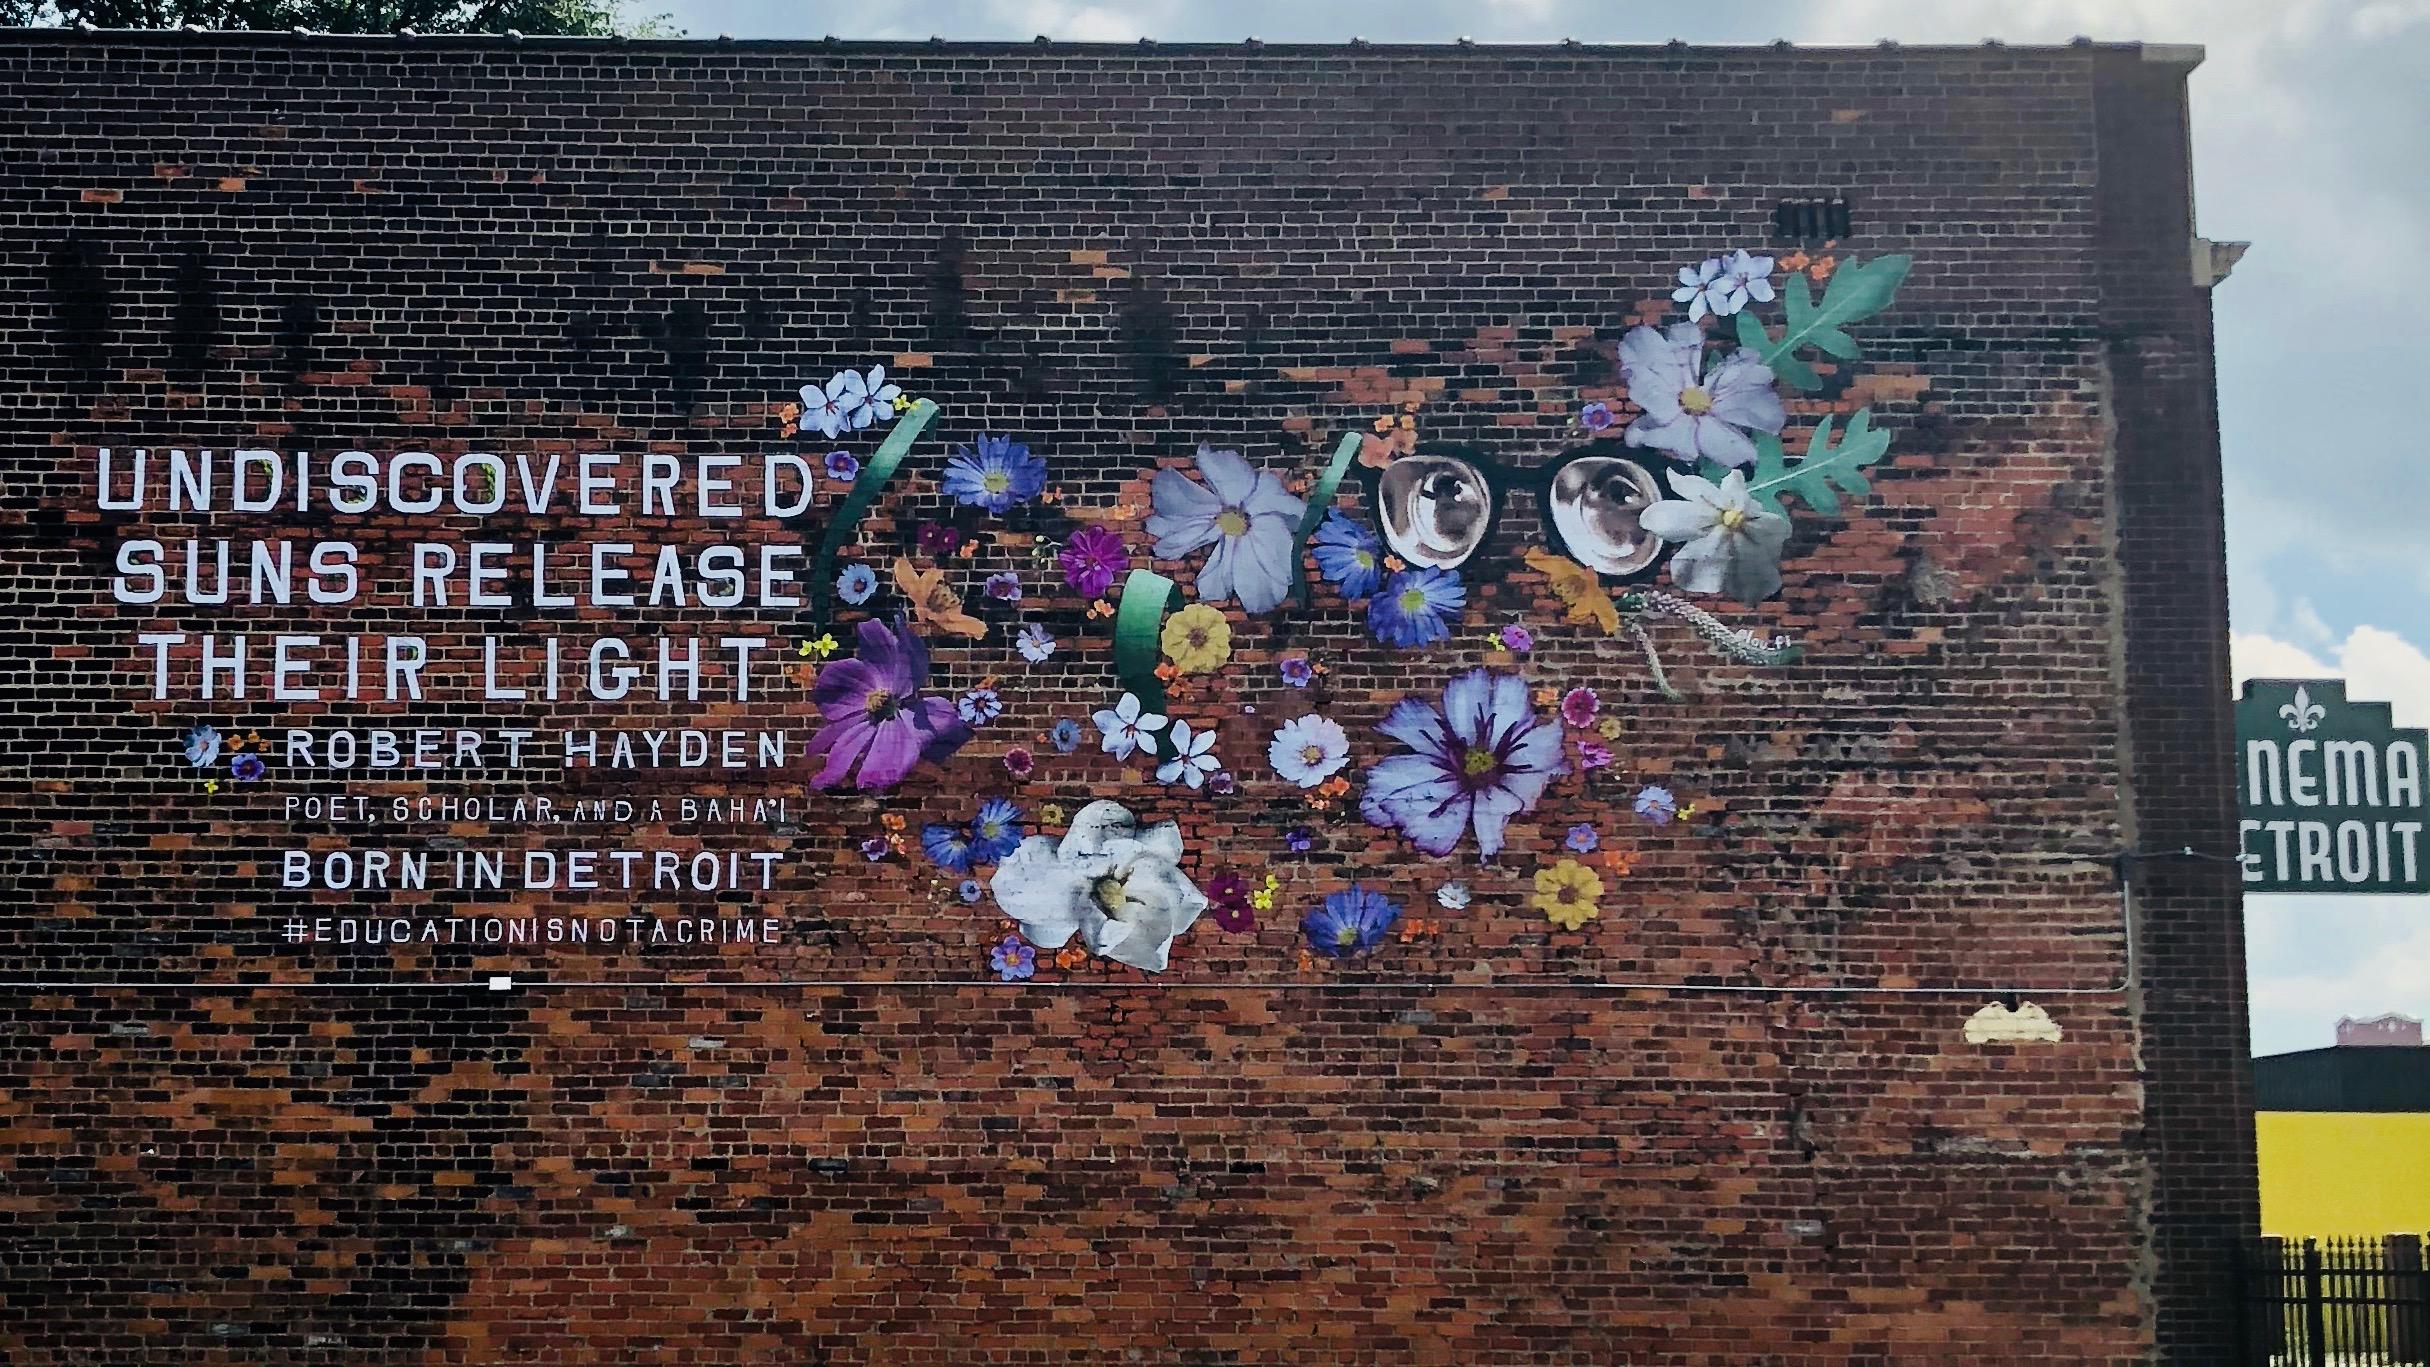 """"""" Undiscovered suns release their light """" – taken from the Robert Hayden poem """"Bahá'u'lláh in the Garden of Ridvan"""" – by  Laura Finlay . Cinema Detroit,  4126 Third Avenue , Detroit."""